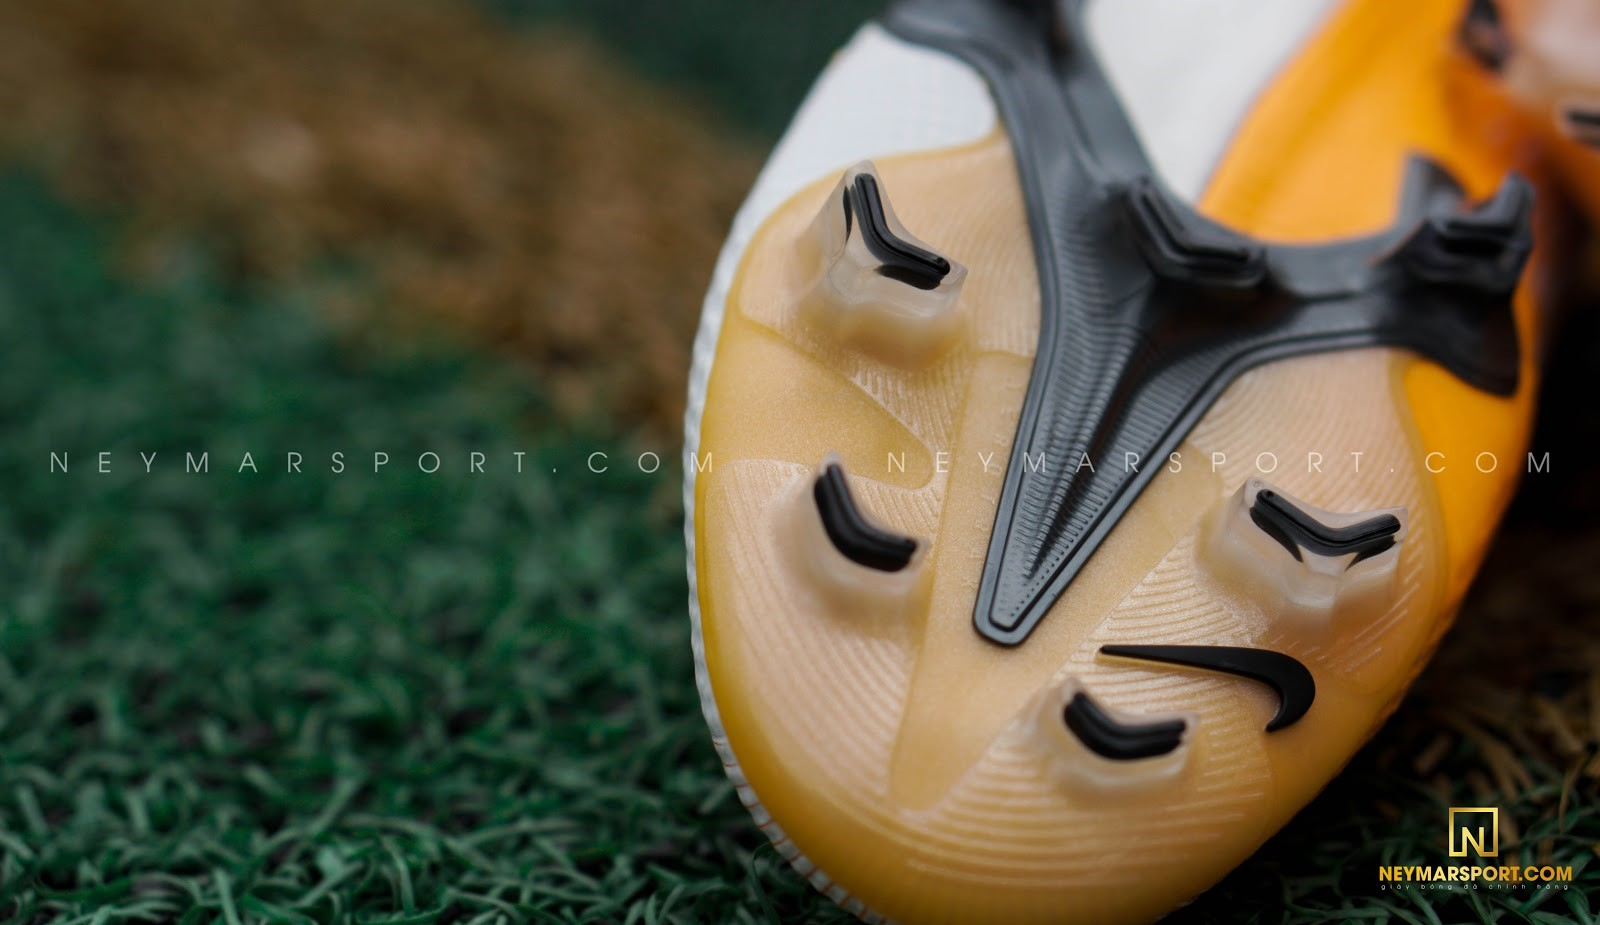 So sánh đặc trưng công nghệ giày đá bóng Nike Mercurial Vapor 13 và Adidas X Ghosted